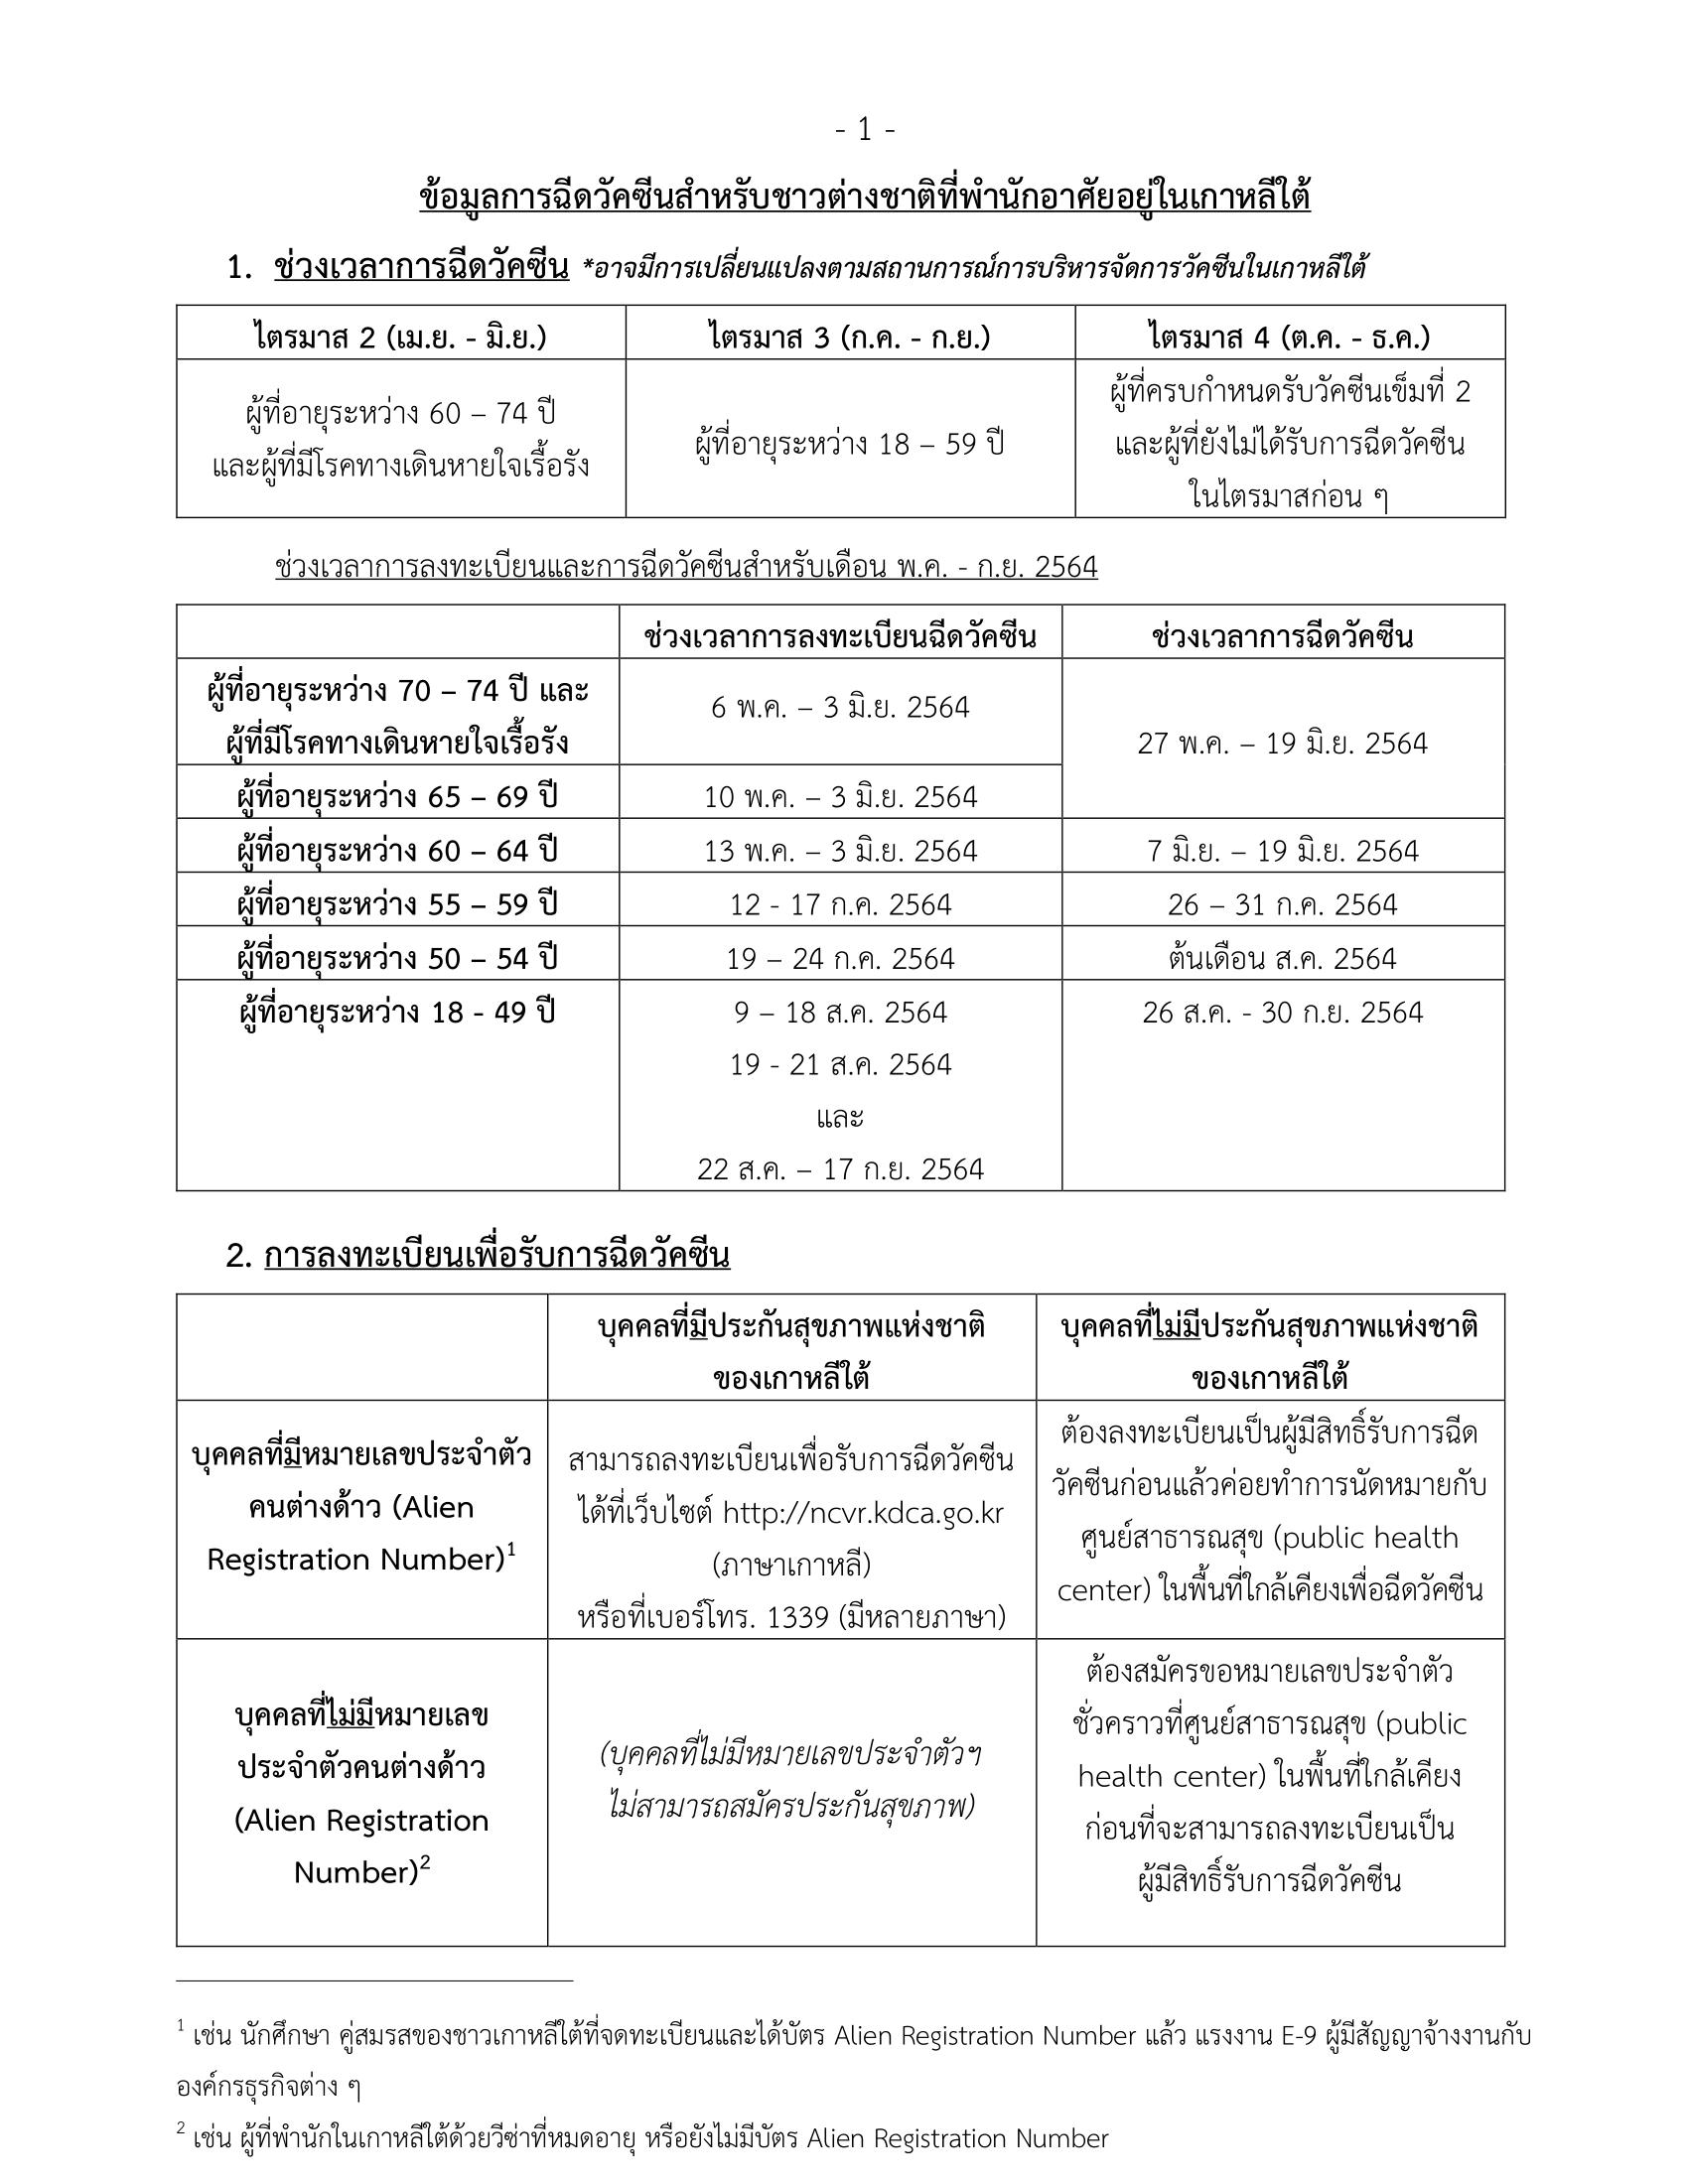 ประกาศลำดับการฉีดวัคซีน_4.8.2021_2-1